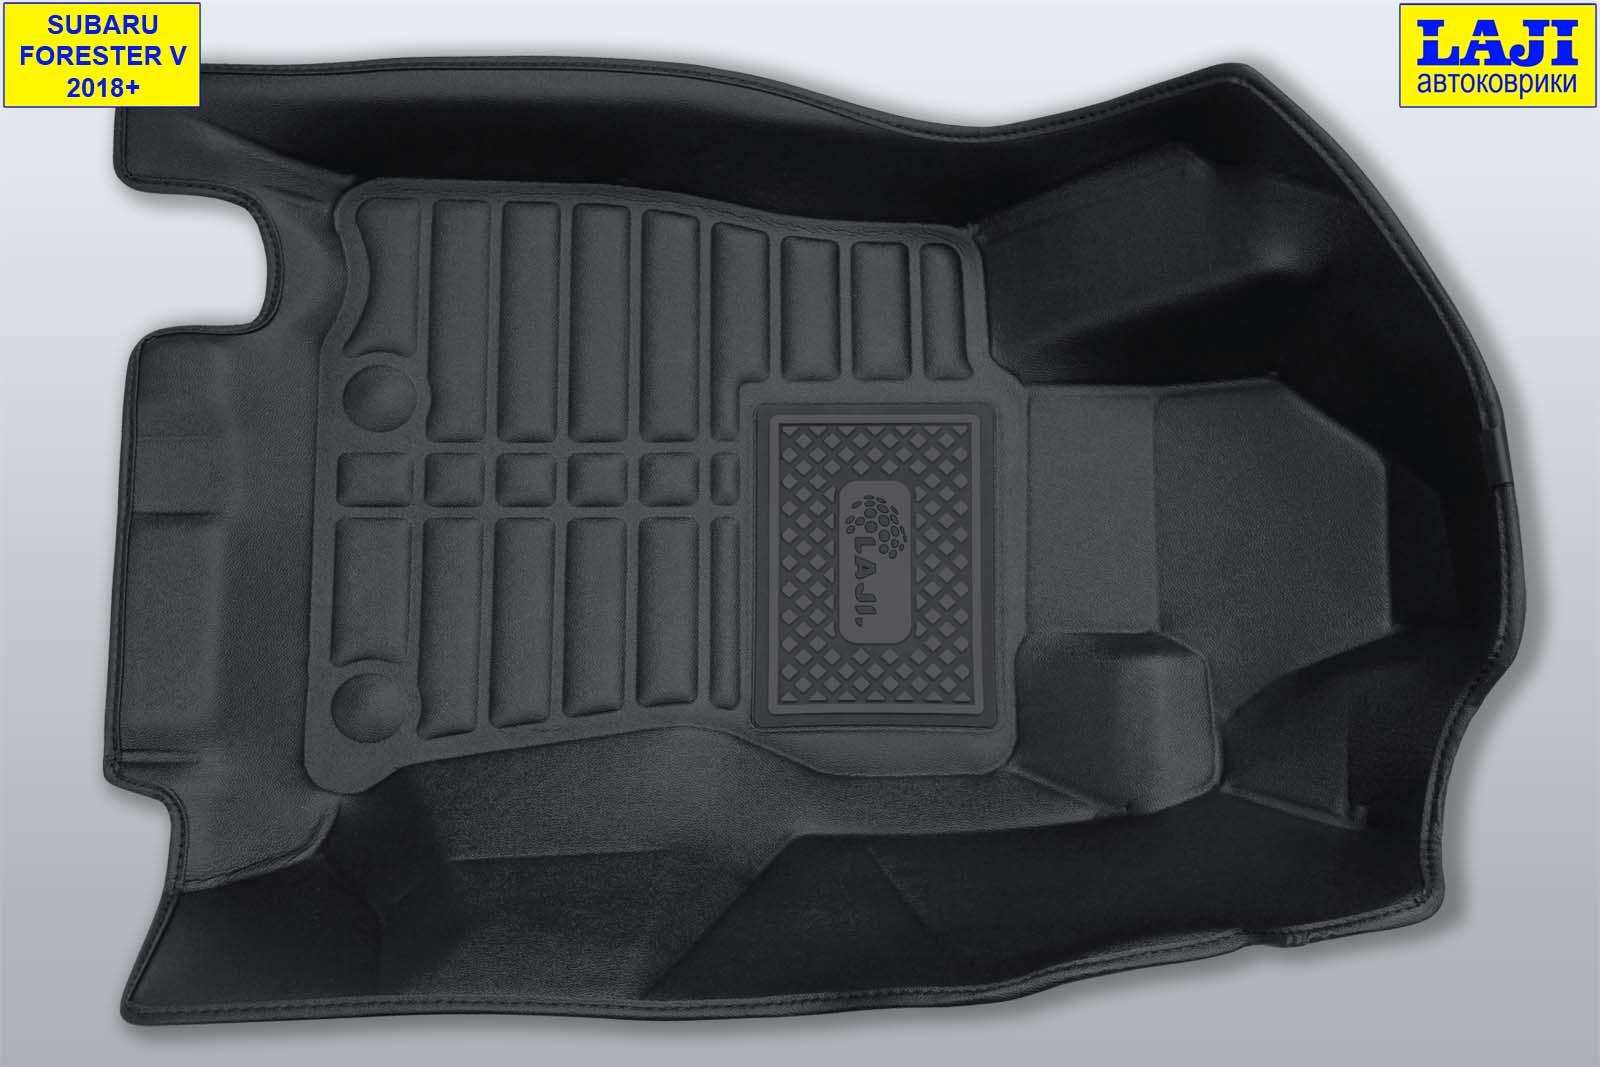 5D коврики в салон Subaru Forester 5 2018-н.в. 2